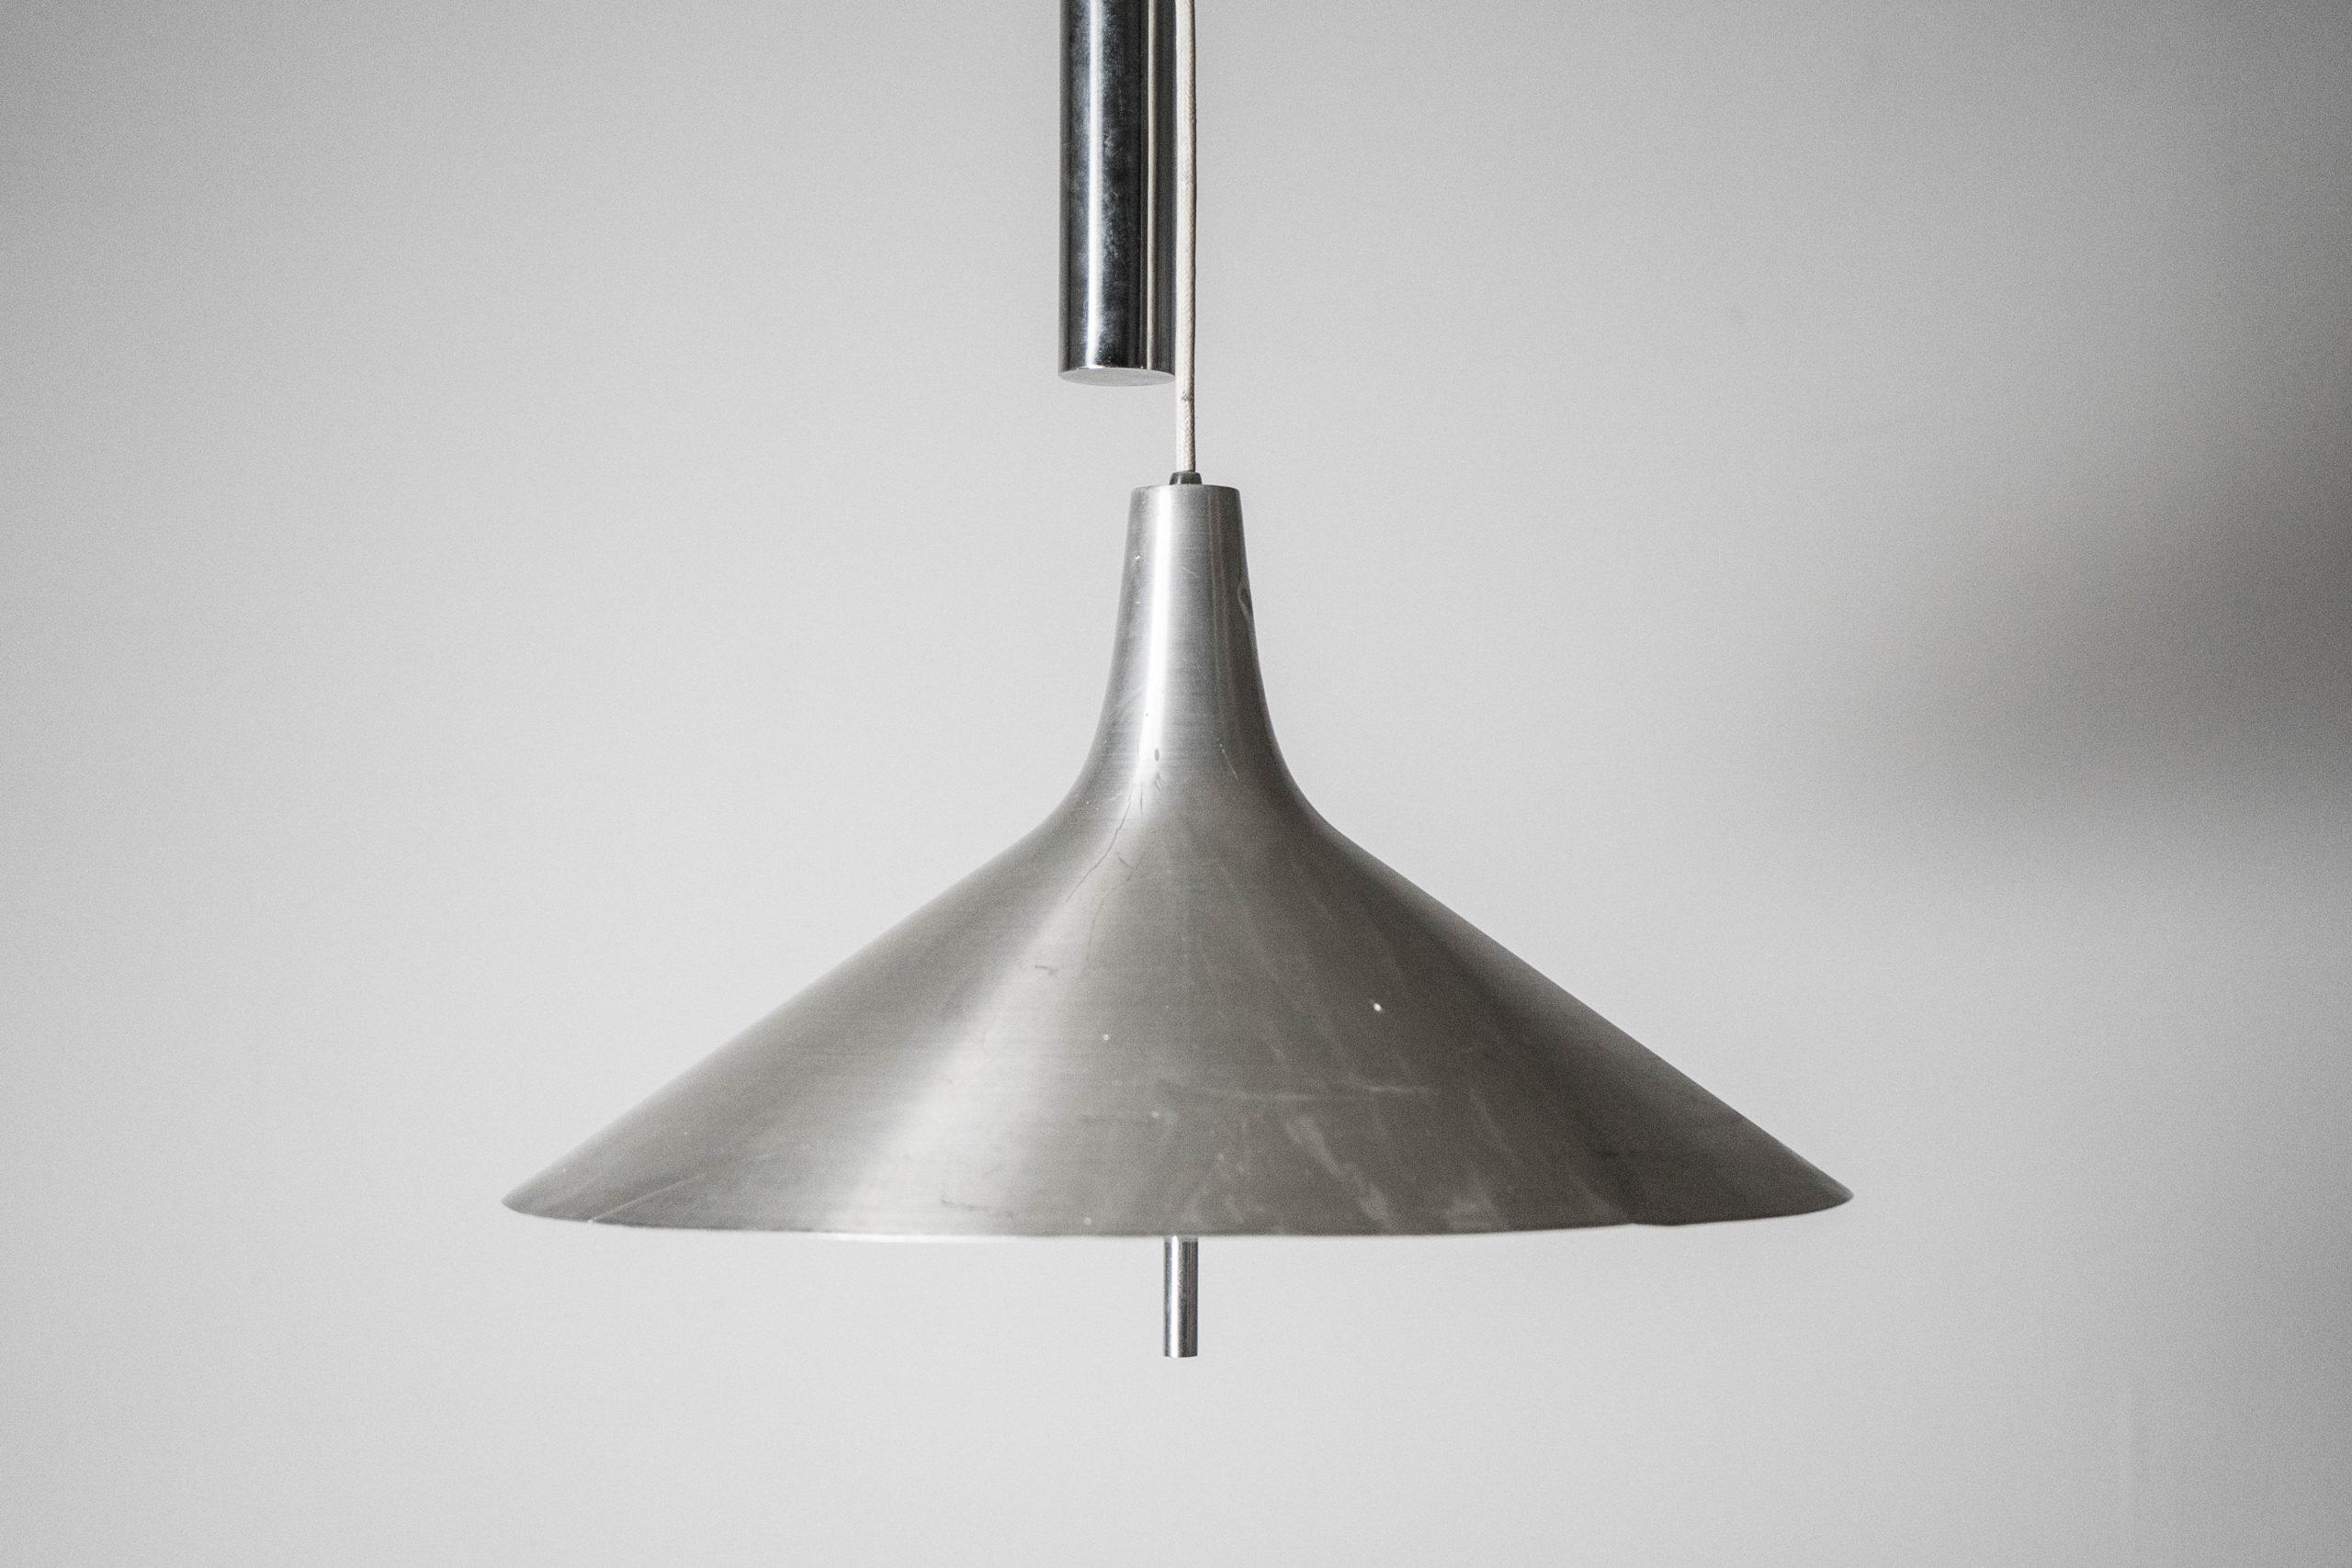 lampara de techo danesa